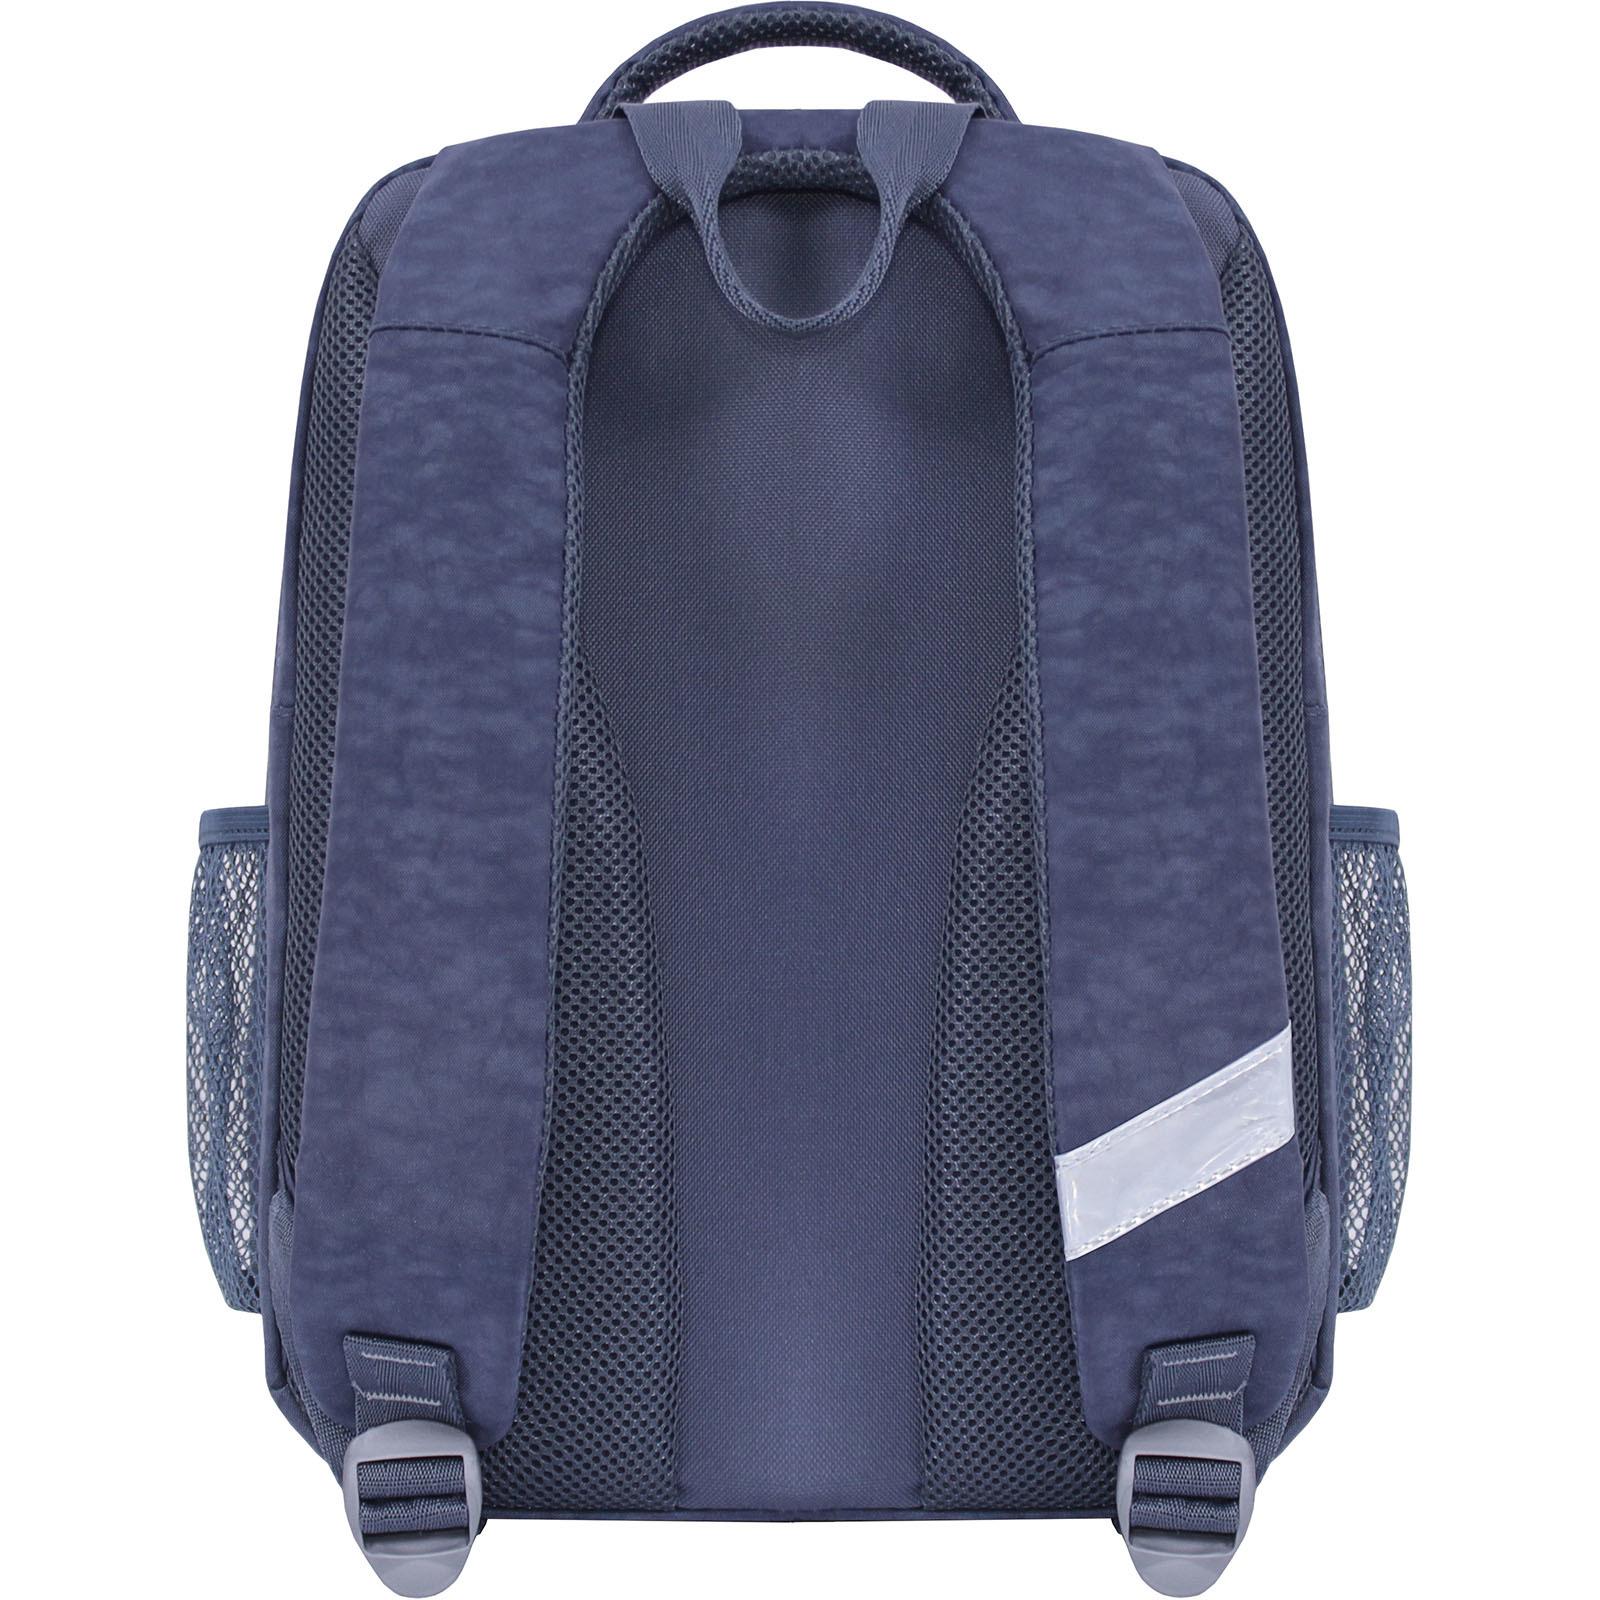 Рюкзак школьный Bagland Школьник 8 л. 321 серый 506 (0012870) фото 3